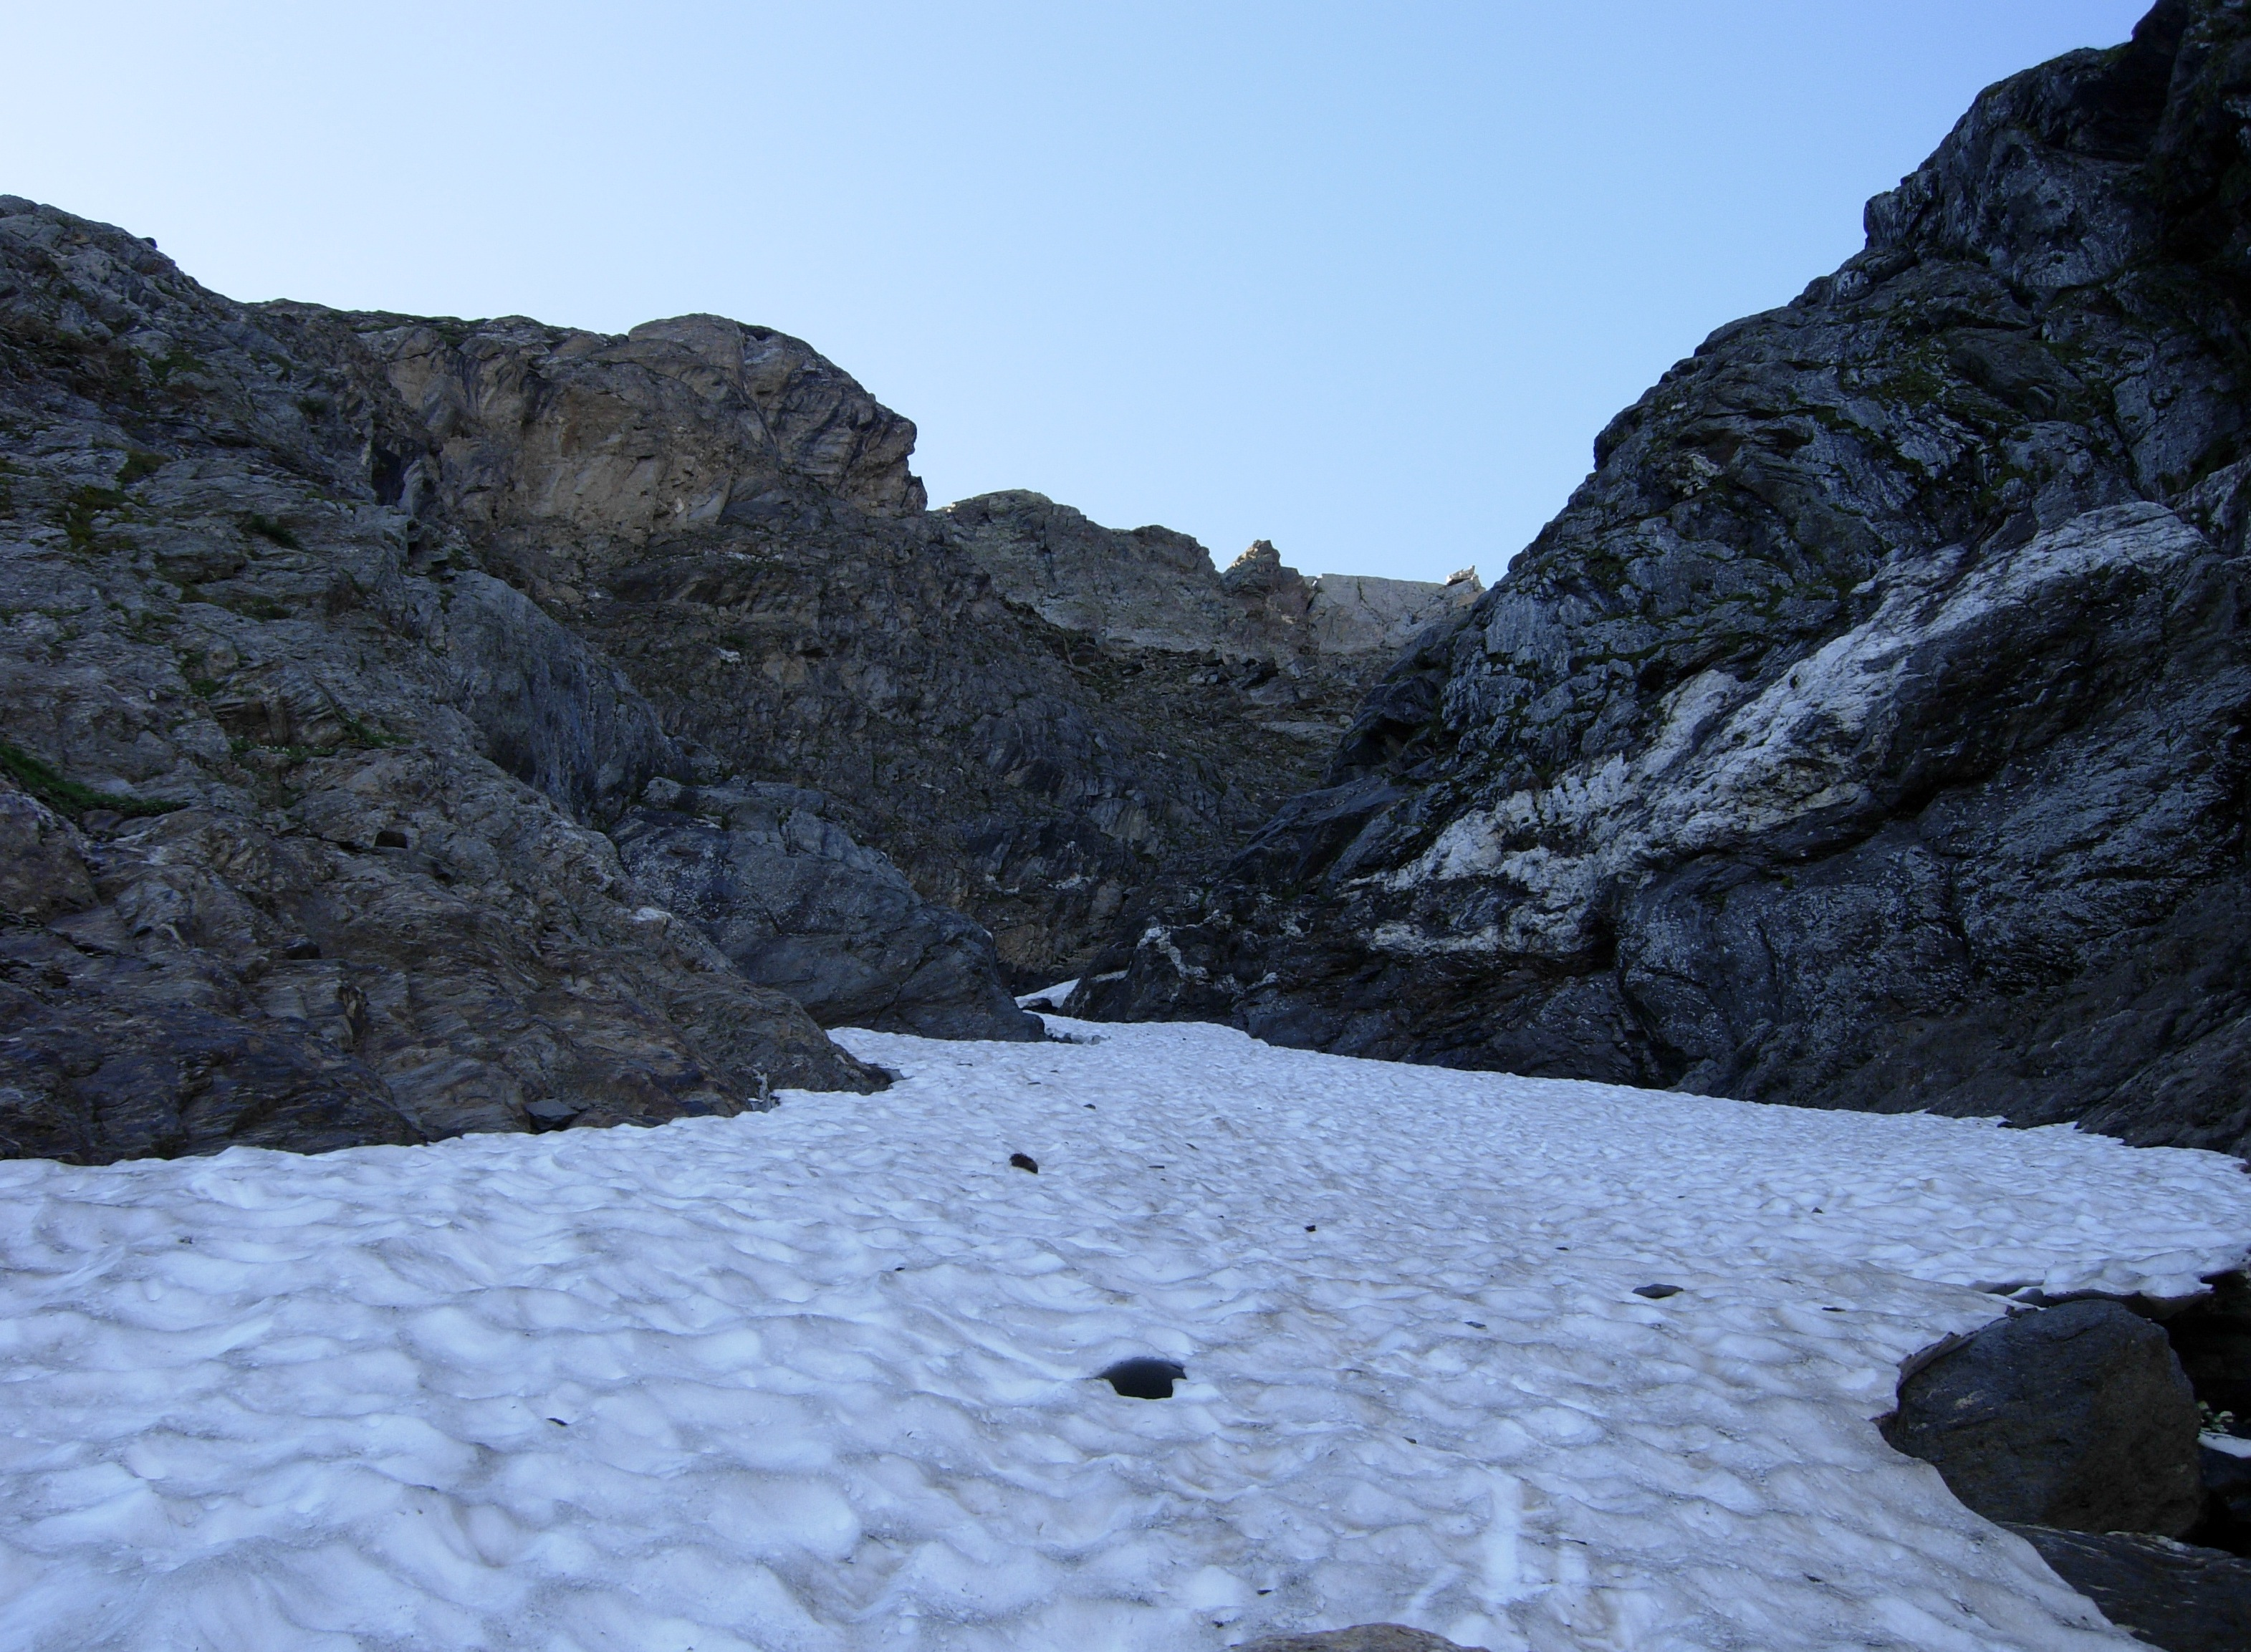 Salita nella gola che conduce al ghiacciaio...